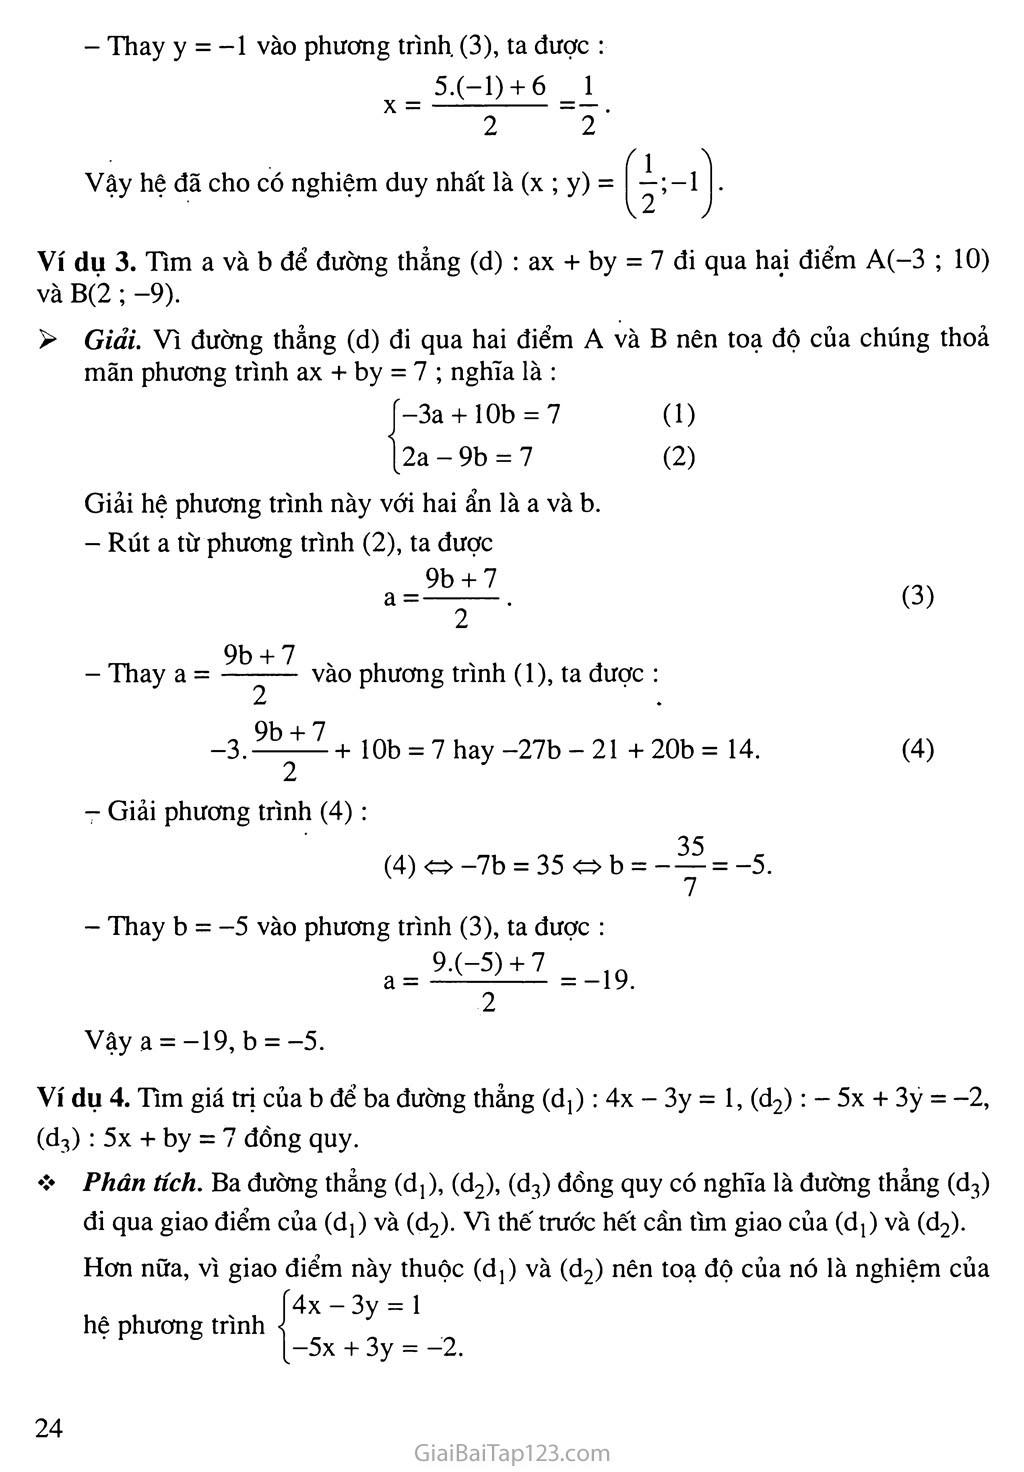 Bài 3. Giải hệ phương trình bằng phương pháp thế trang 3